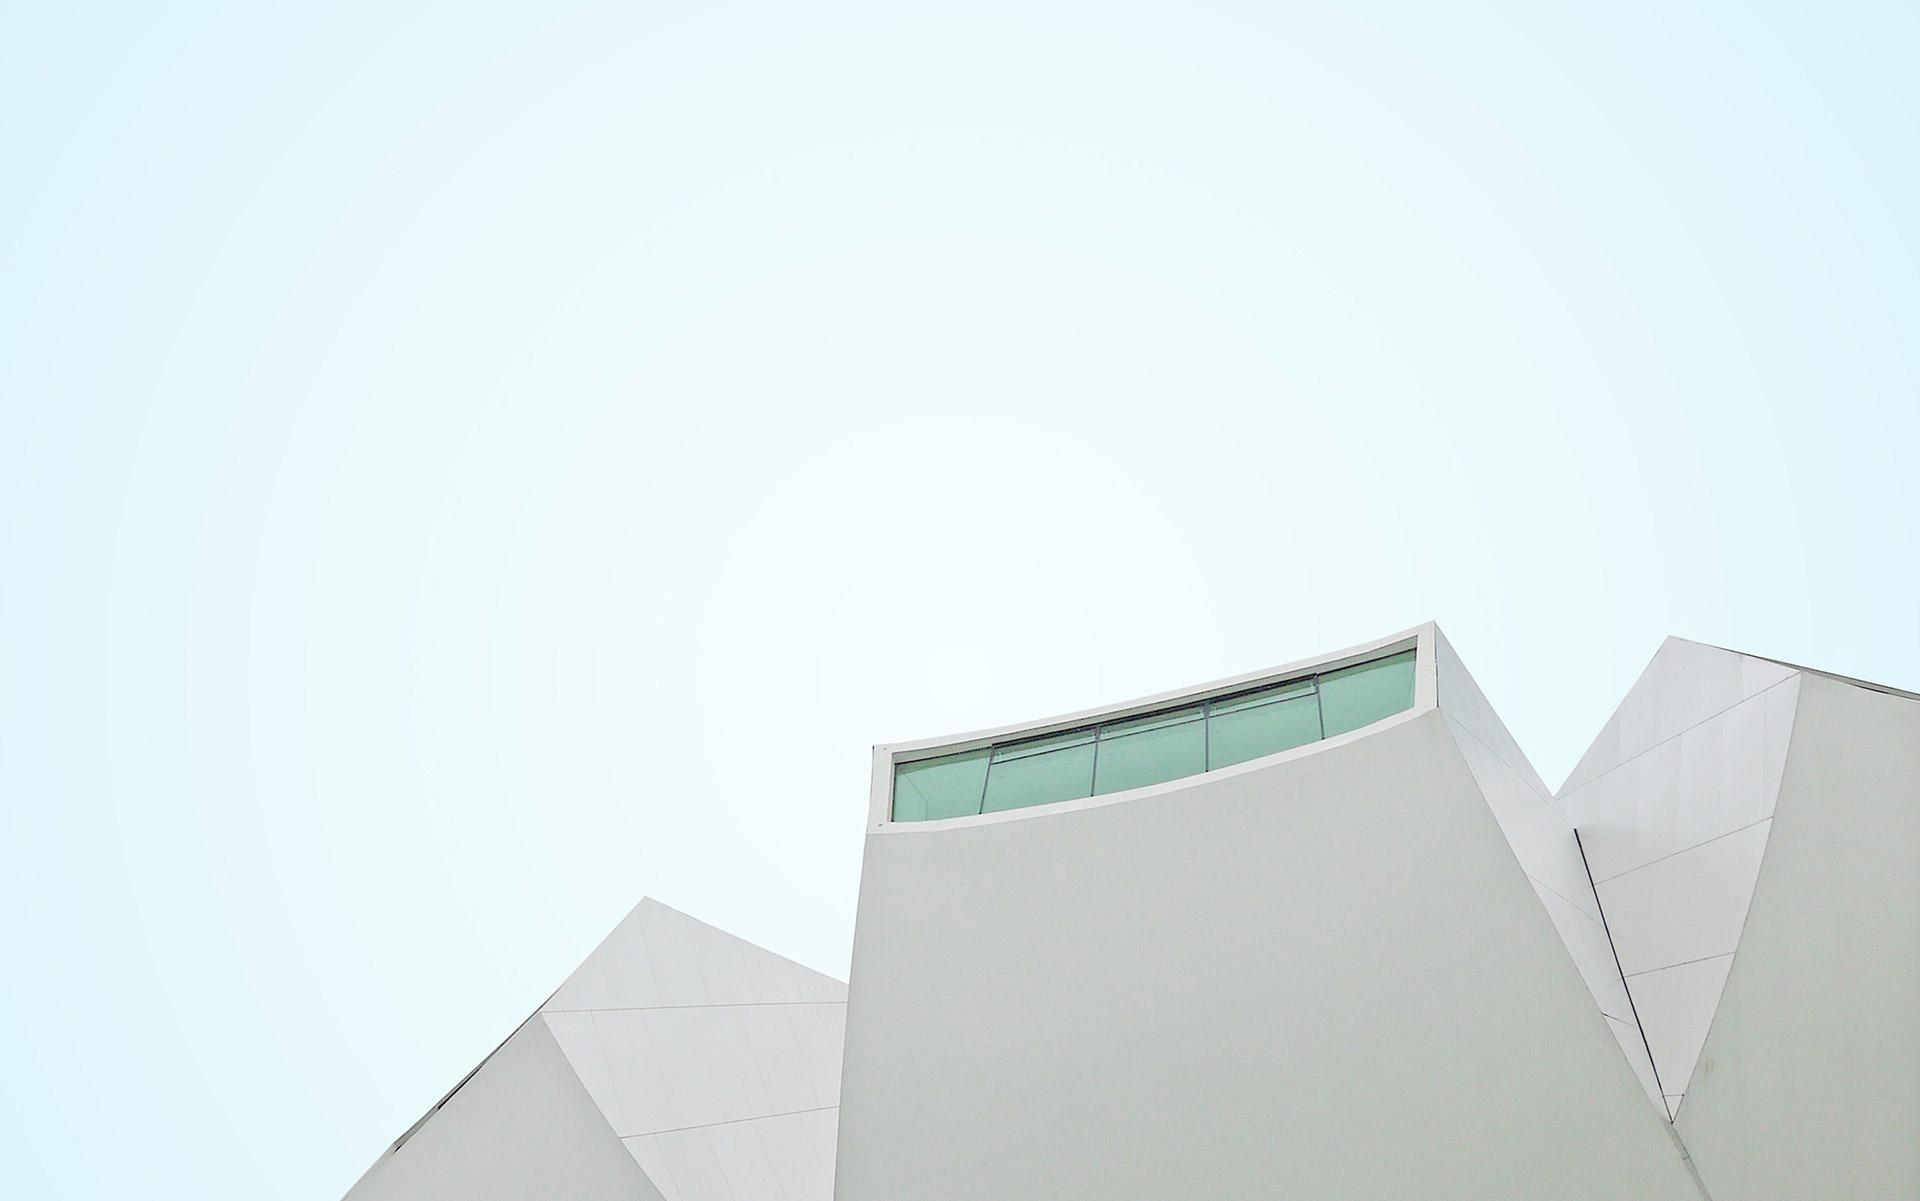 Architecture Slide 2